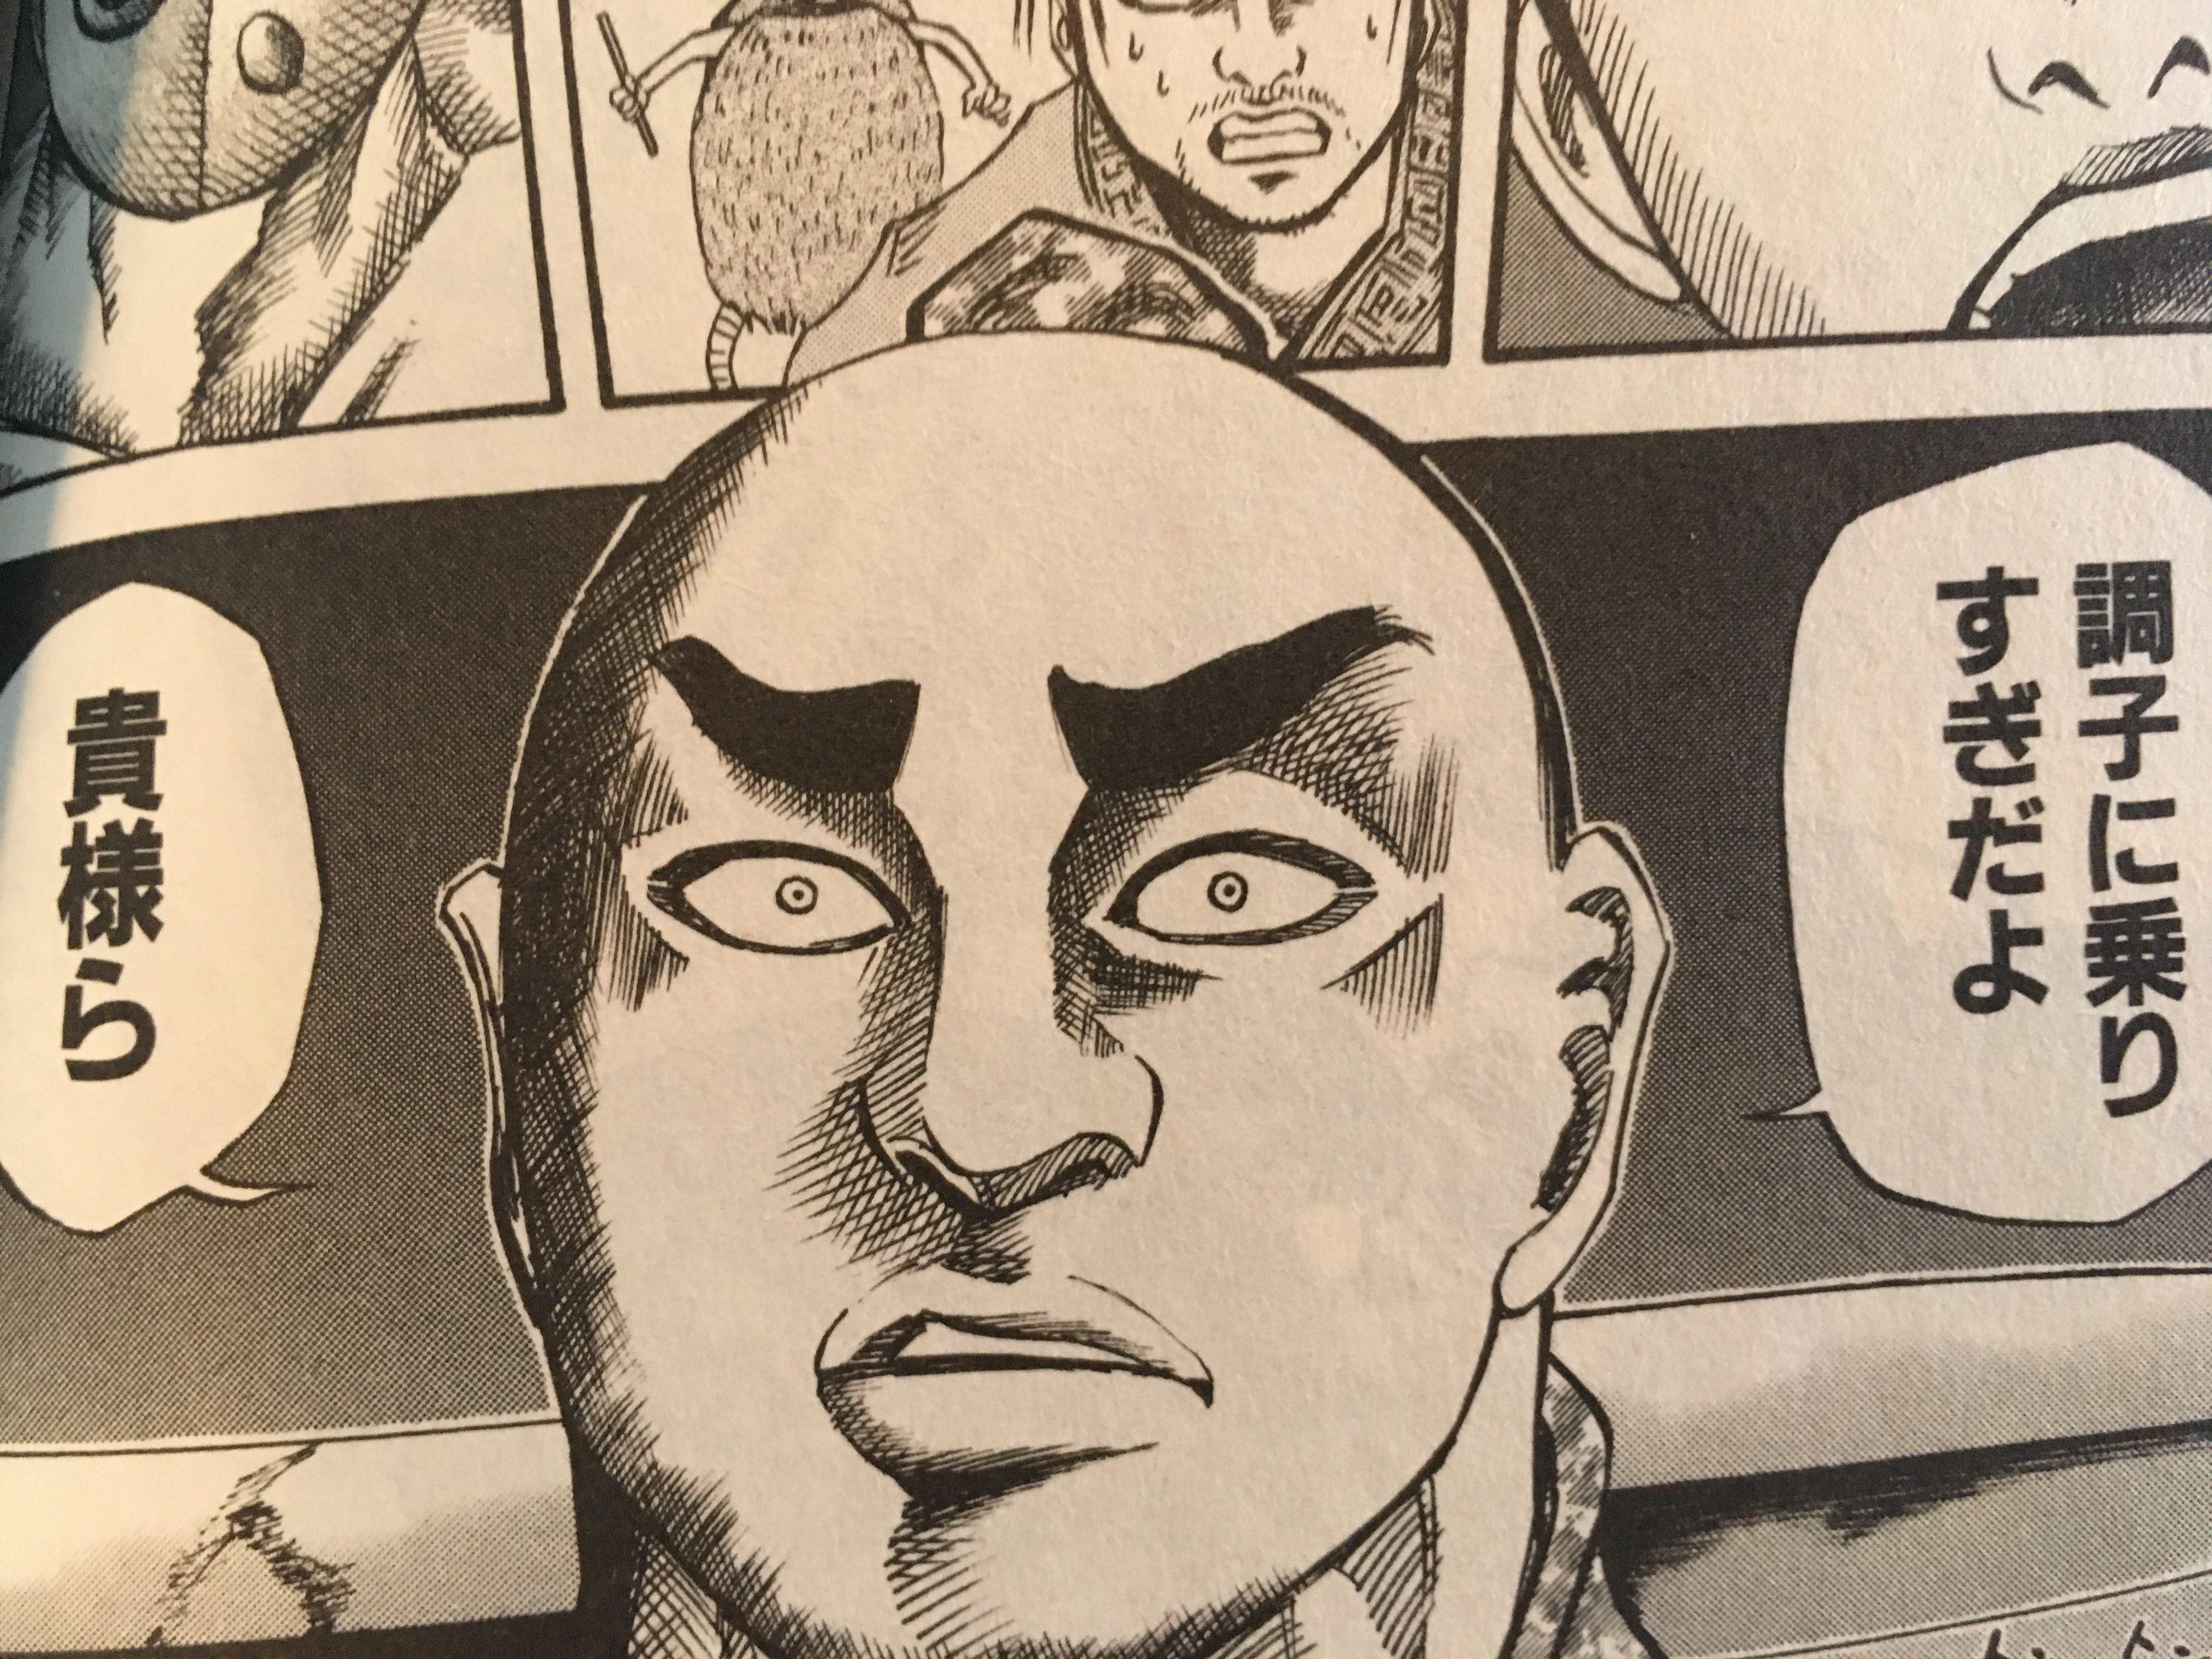 キングダム 暗殺 者